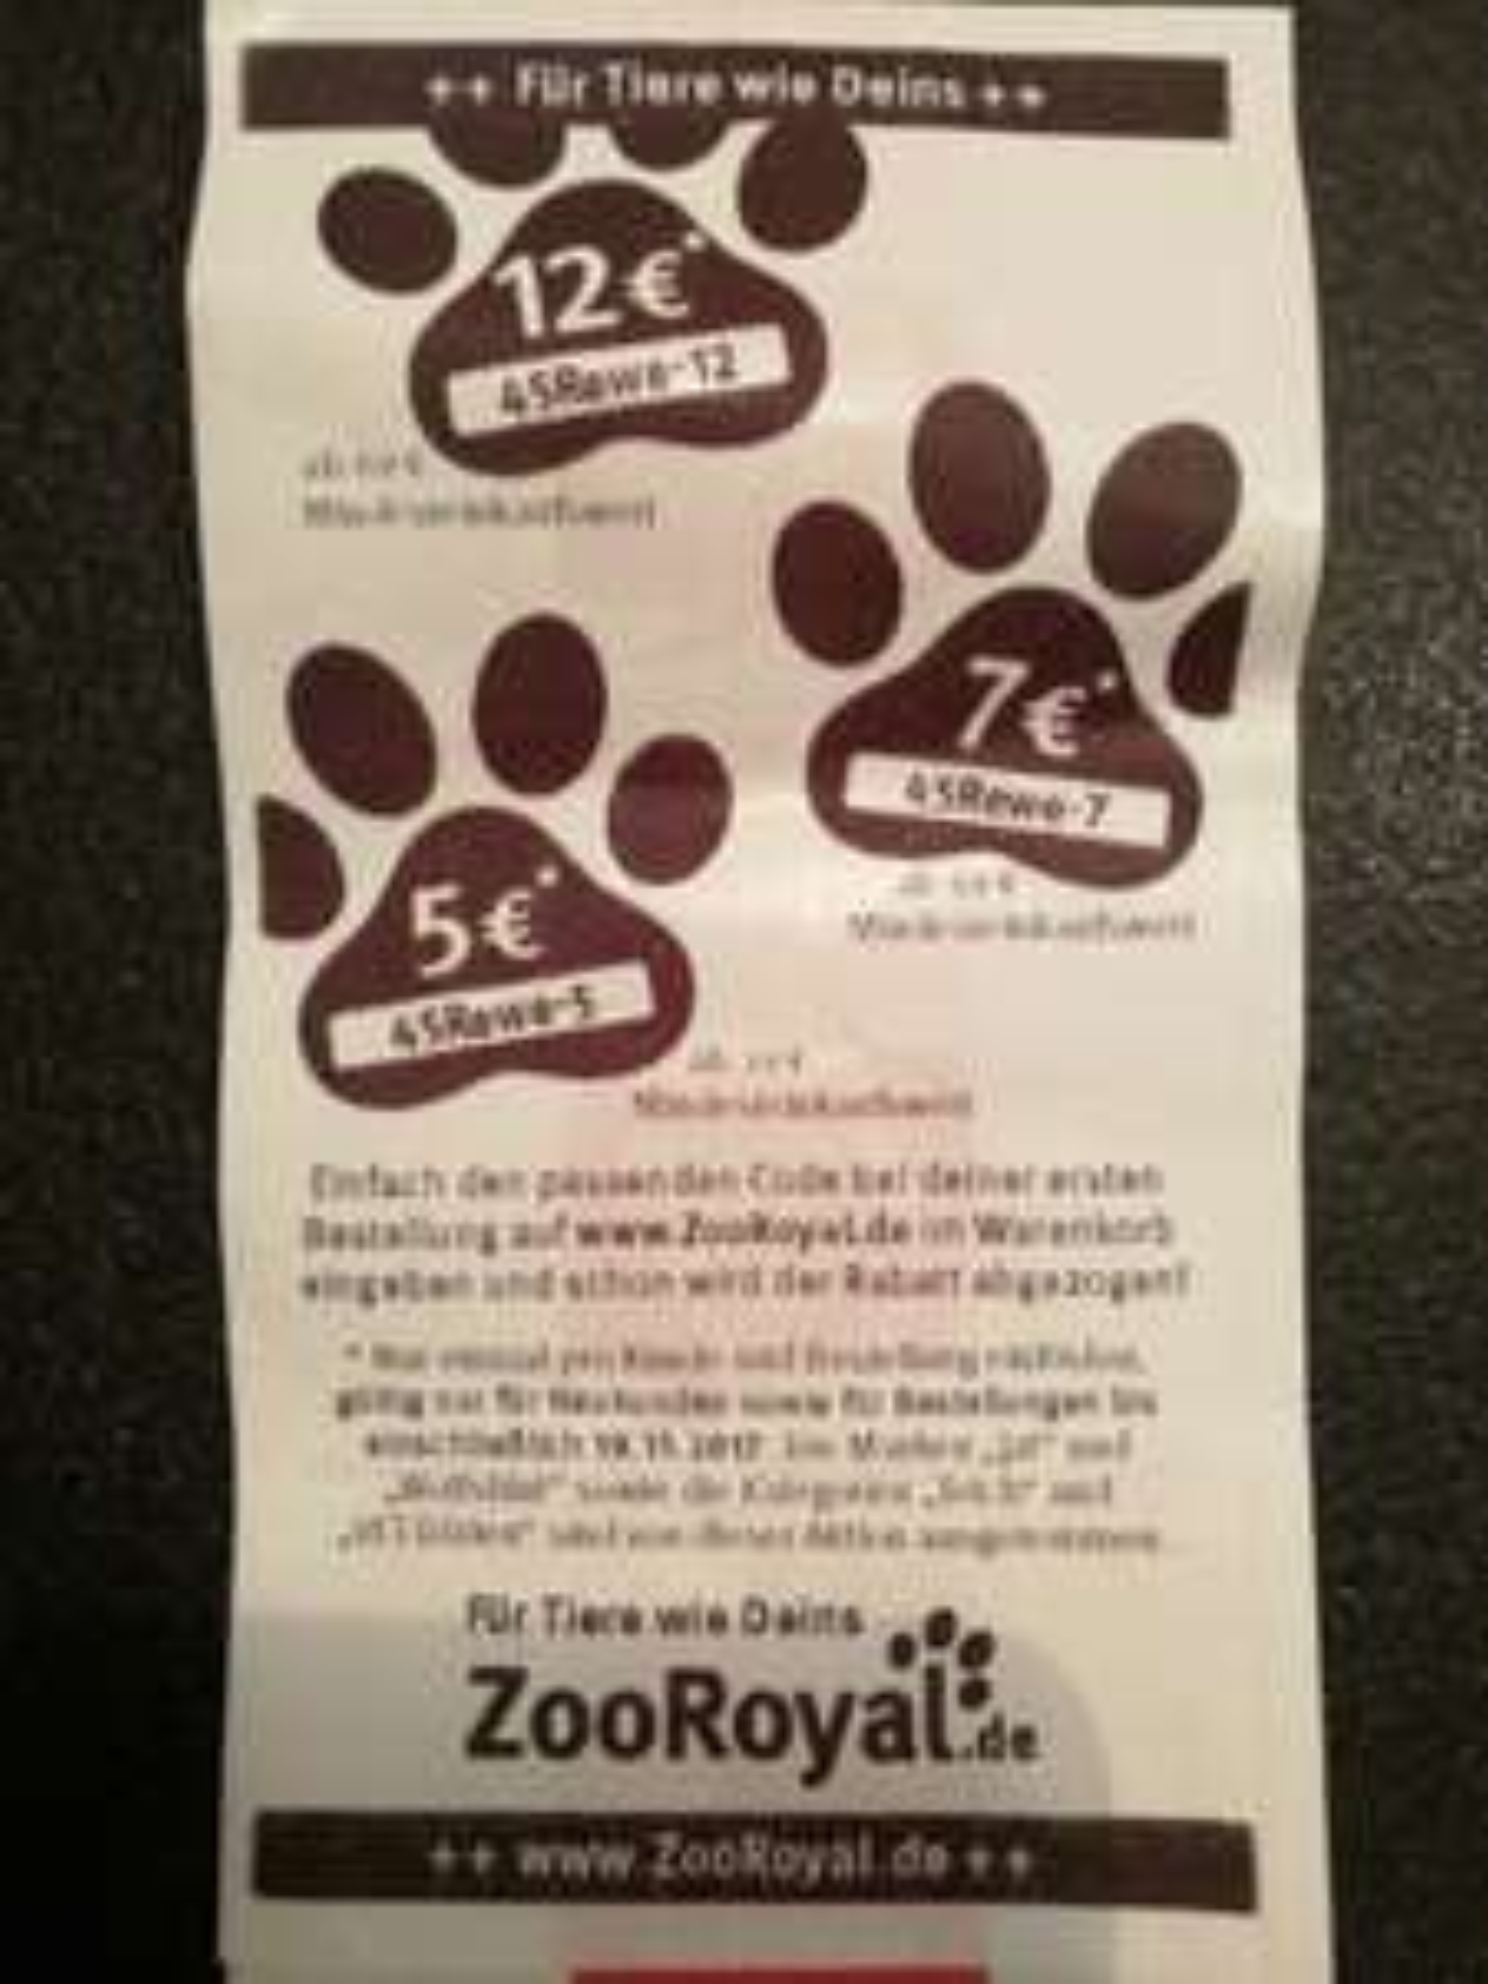 3 Zooroyal Gutscheincodes NEUKUNDEN